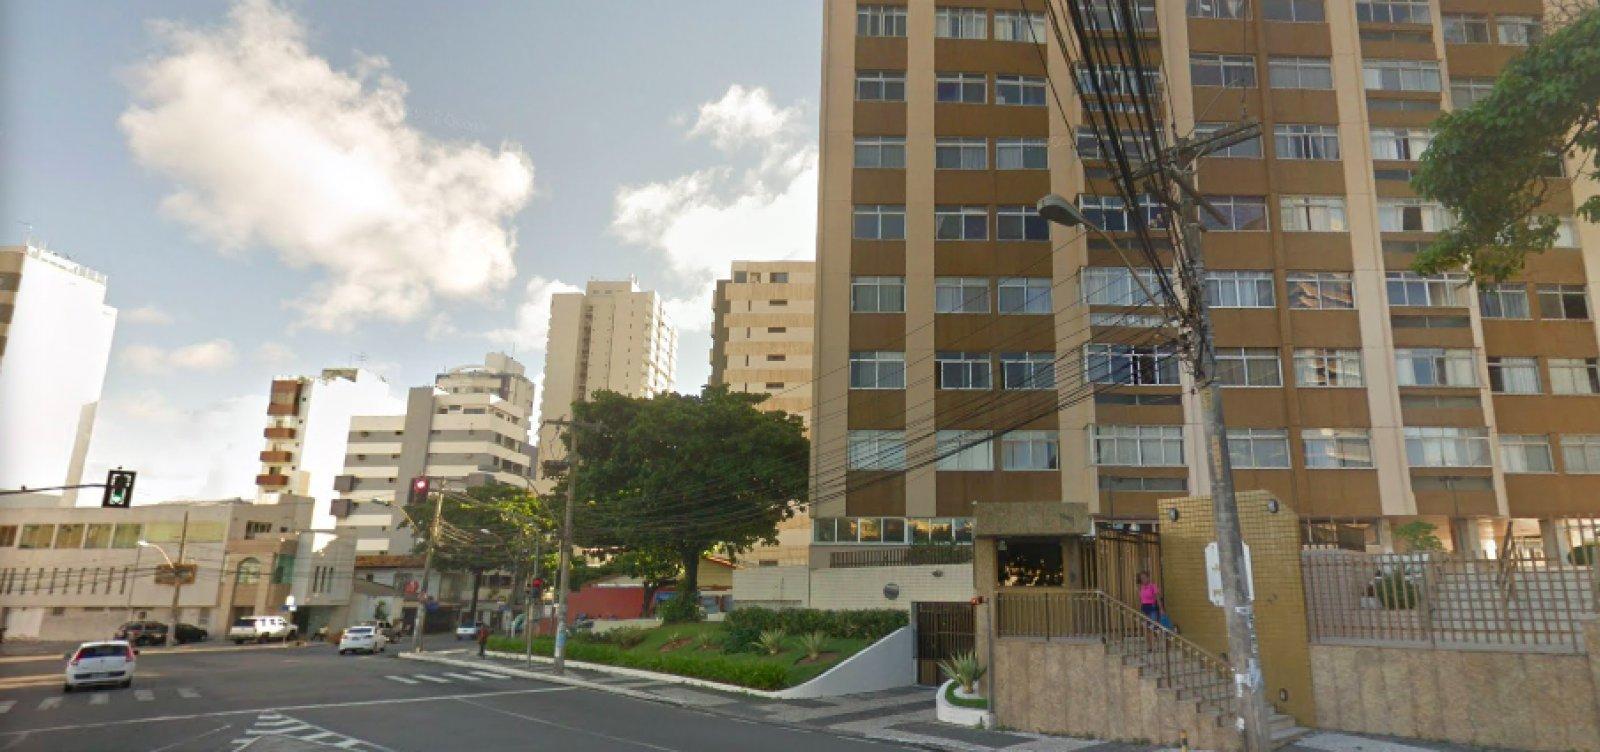 [Pituba é bairro mais procurado para adquirir imóvel em Salvador]